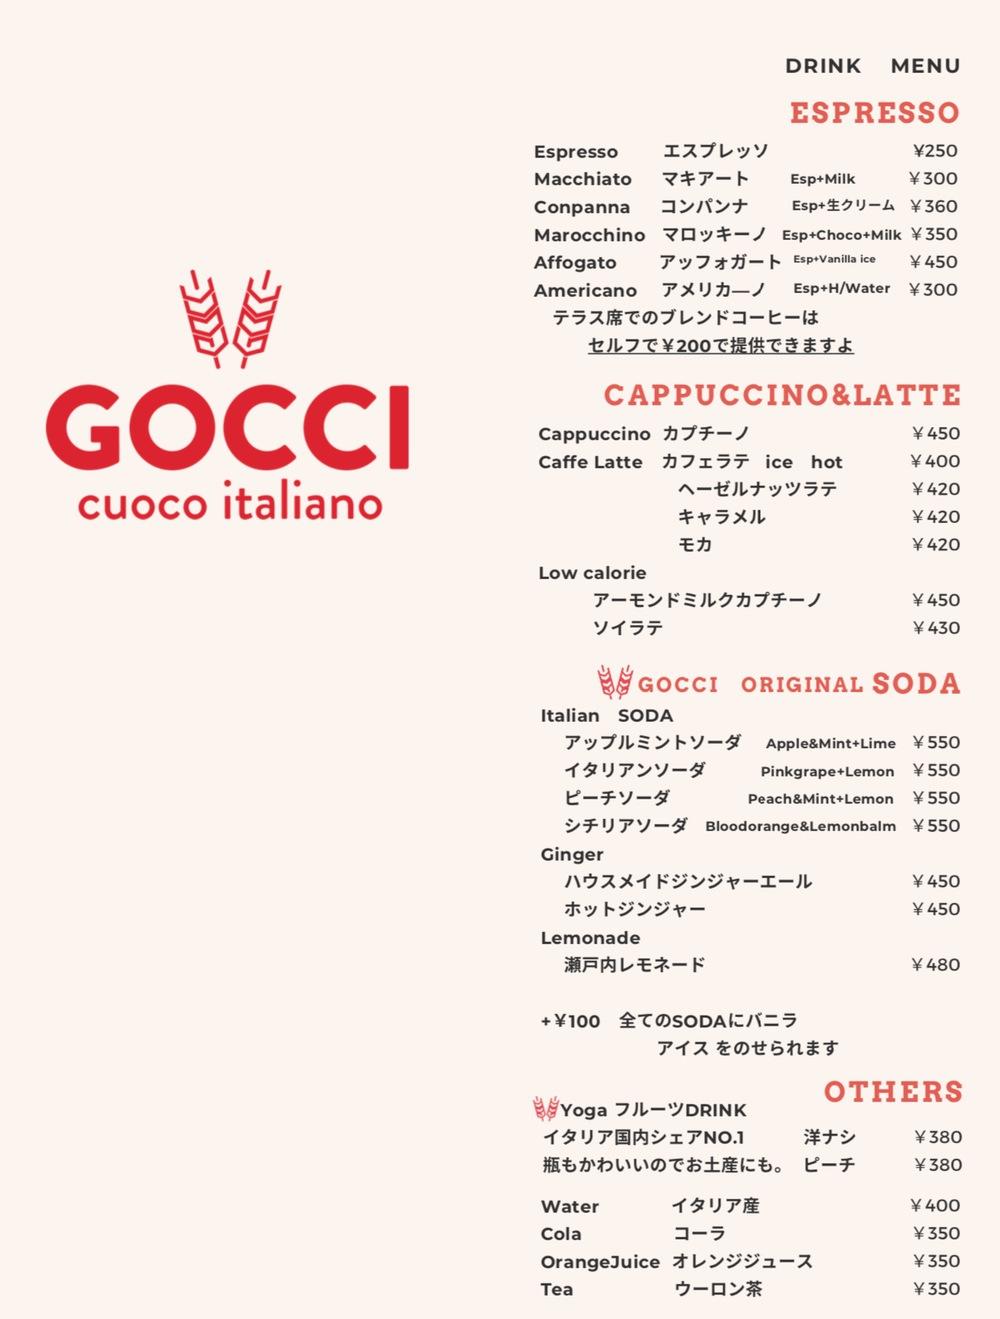 cuoco-italiano-GOCCI ドリンクメニュー表